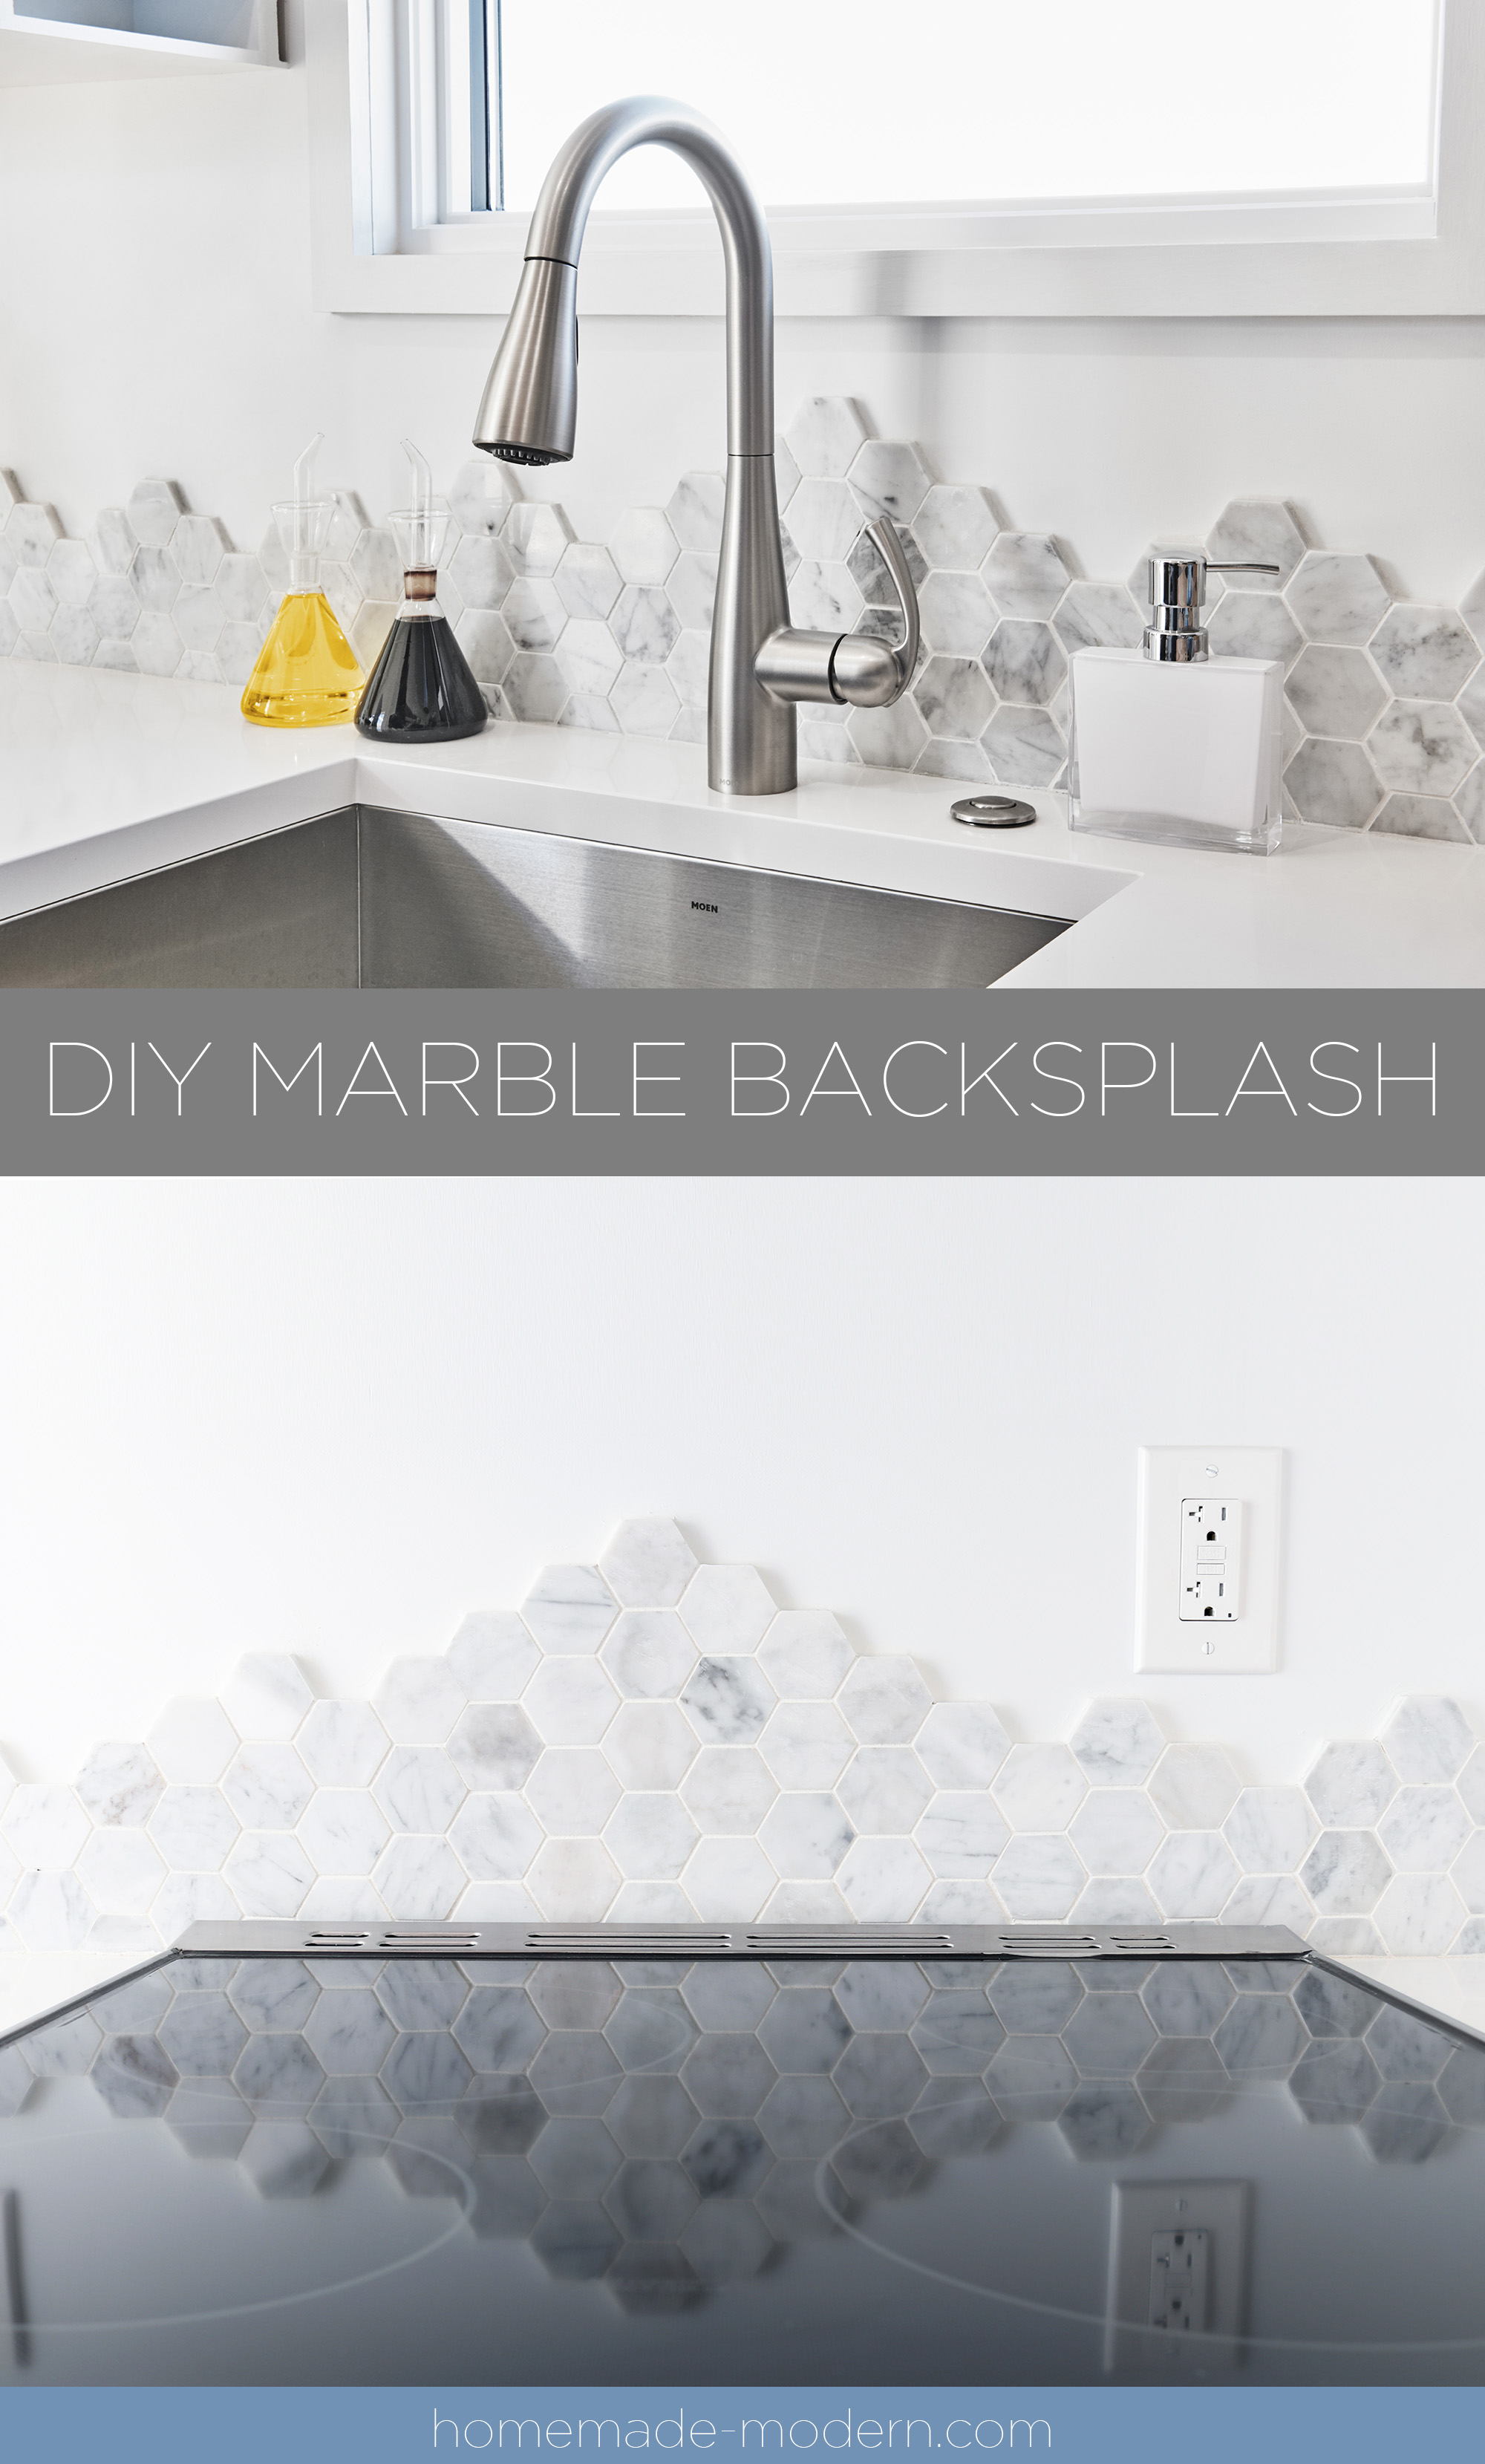 http://www.homemade-modern.com/wp-content/uploads/2019/12/mhexbacksplash-banner.jpg